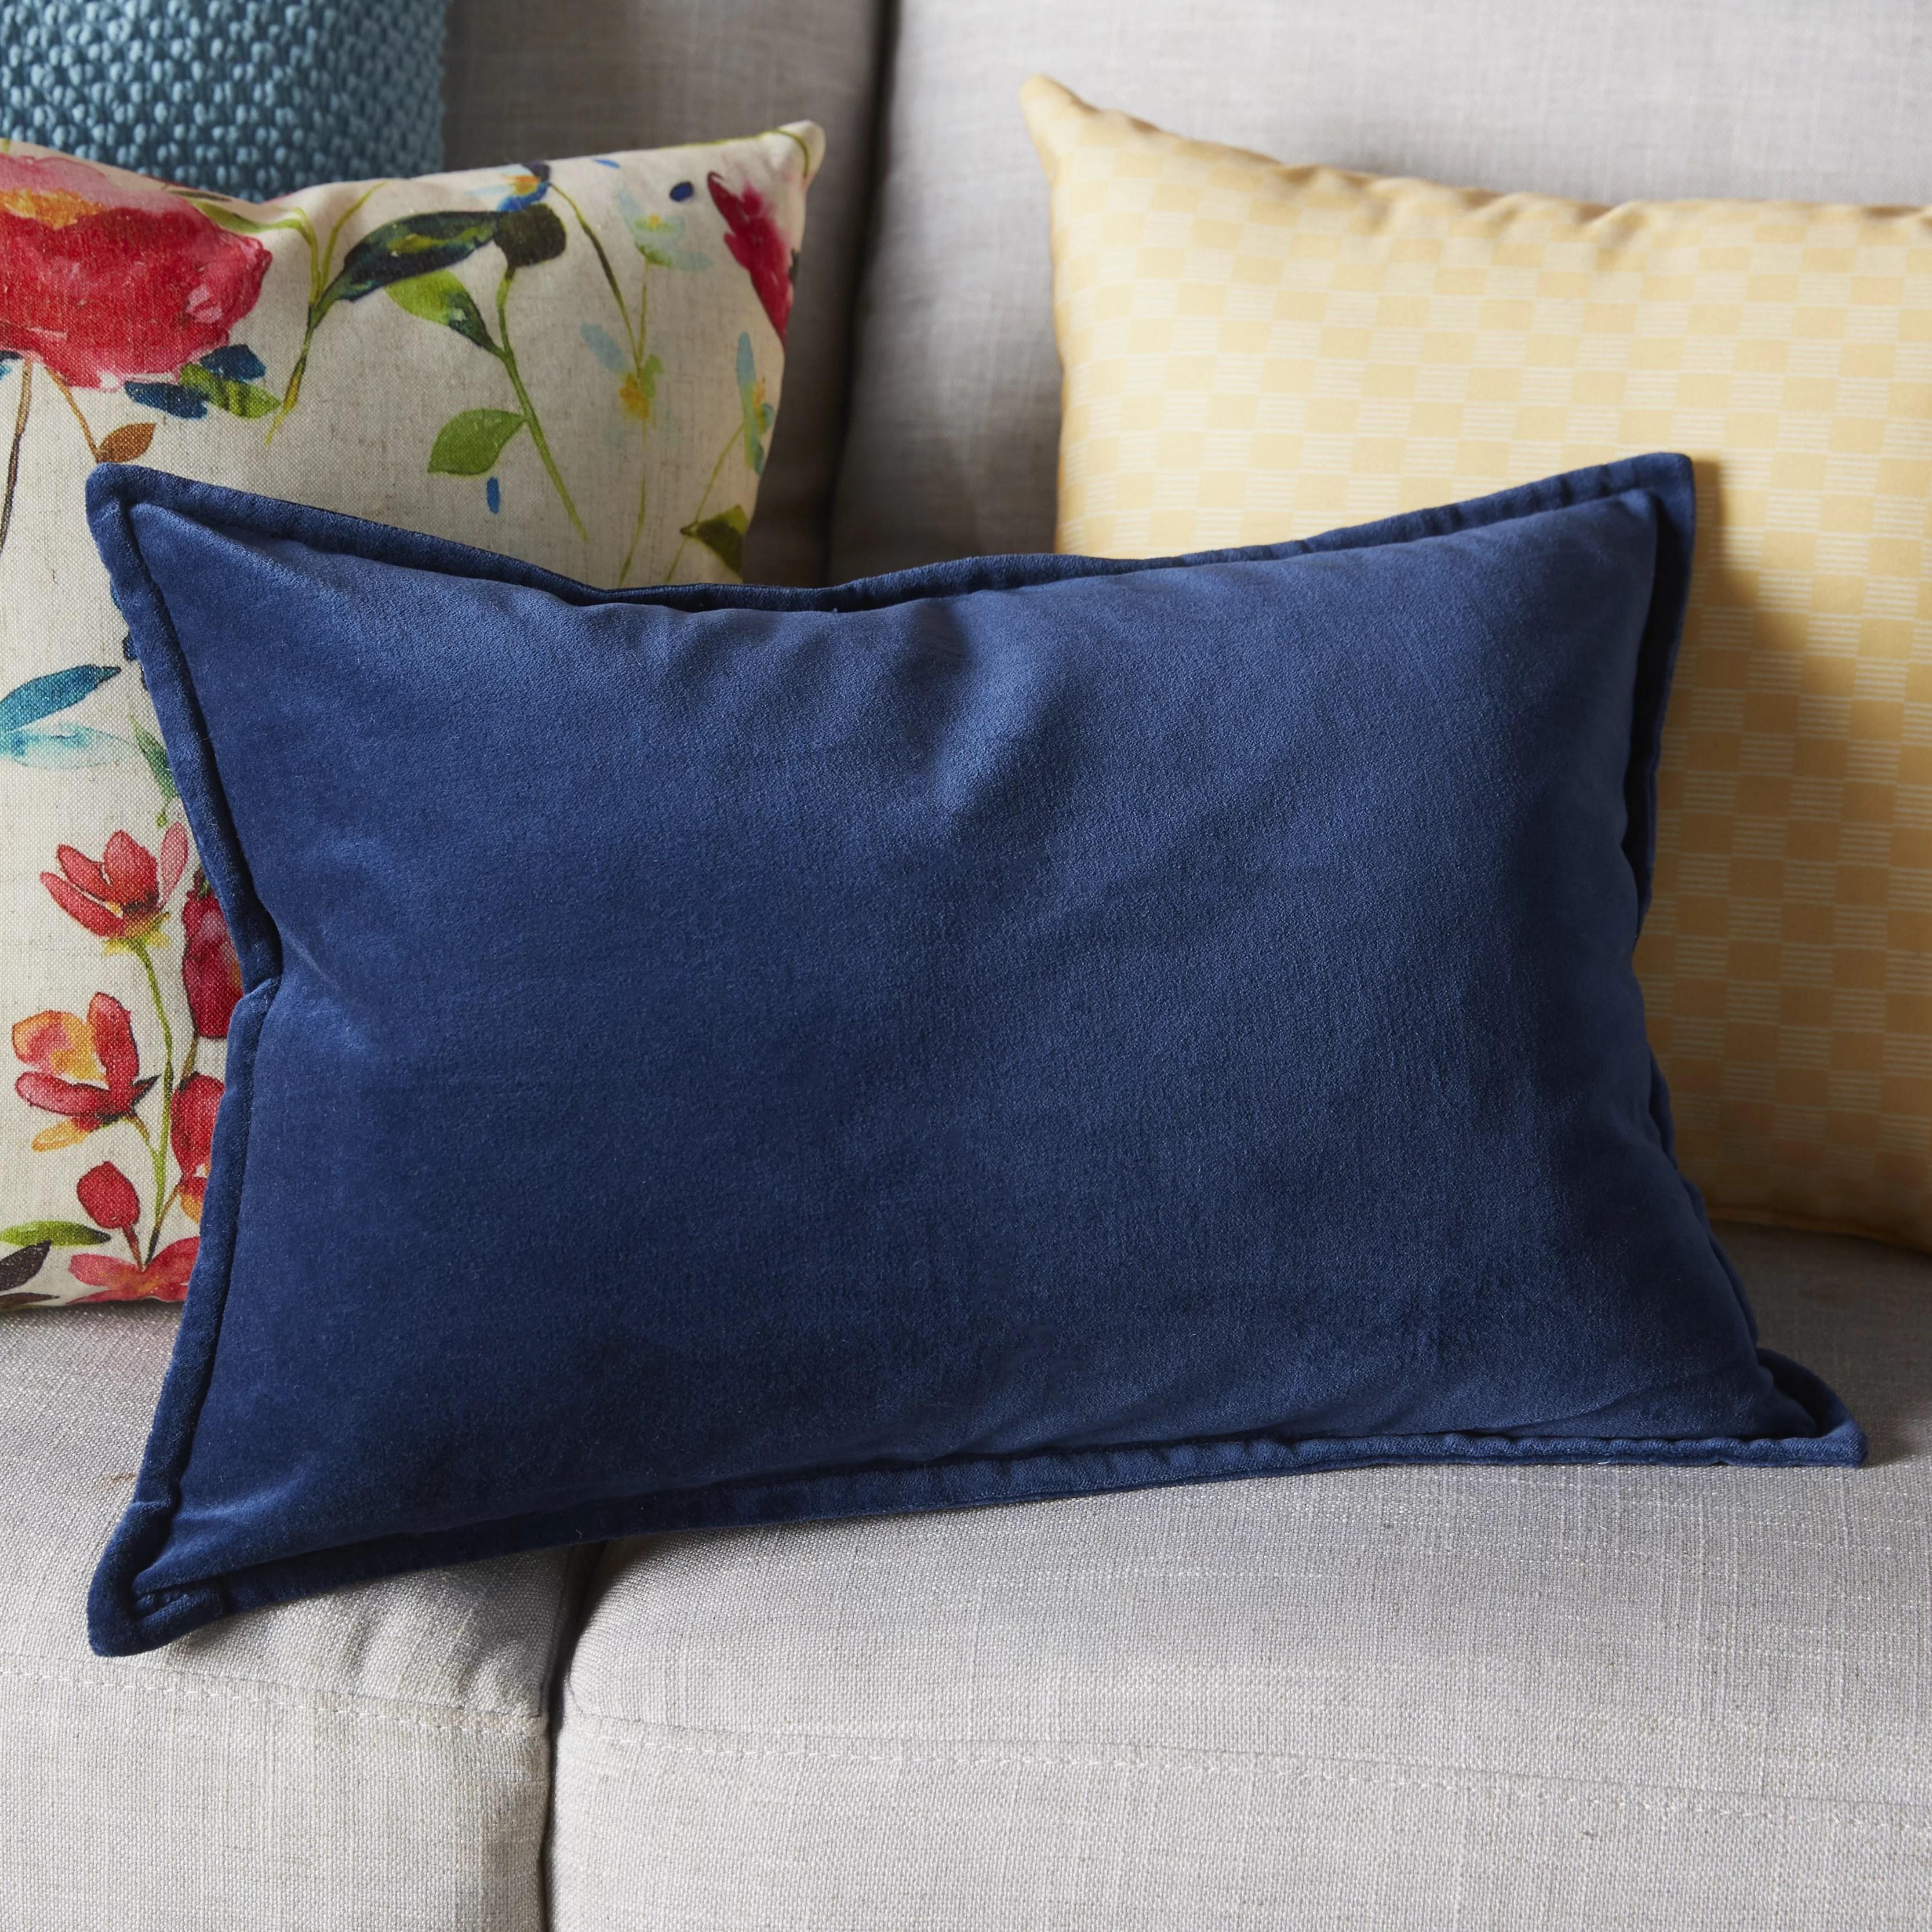 lumbar navy throw pillows free shipping over 35 wayfair